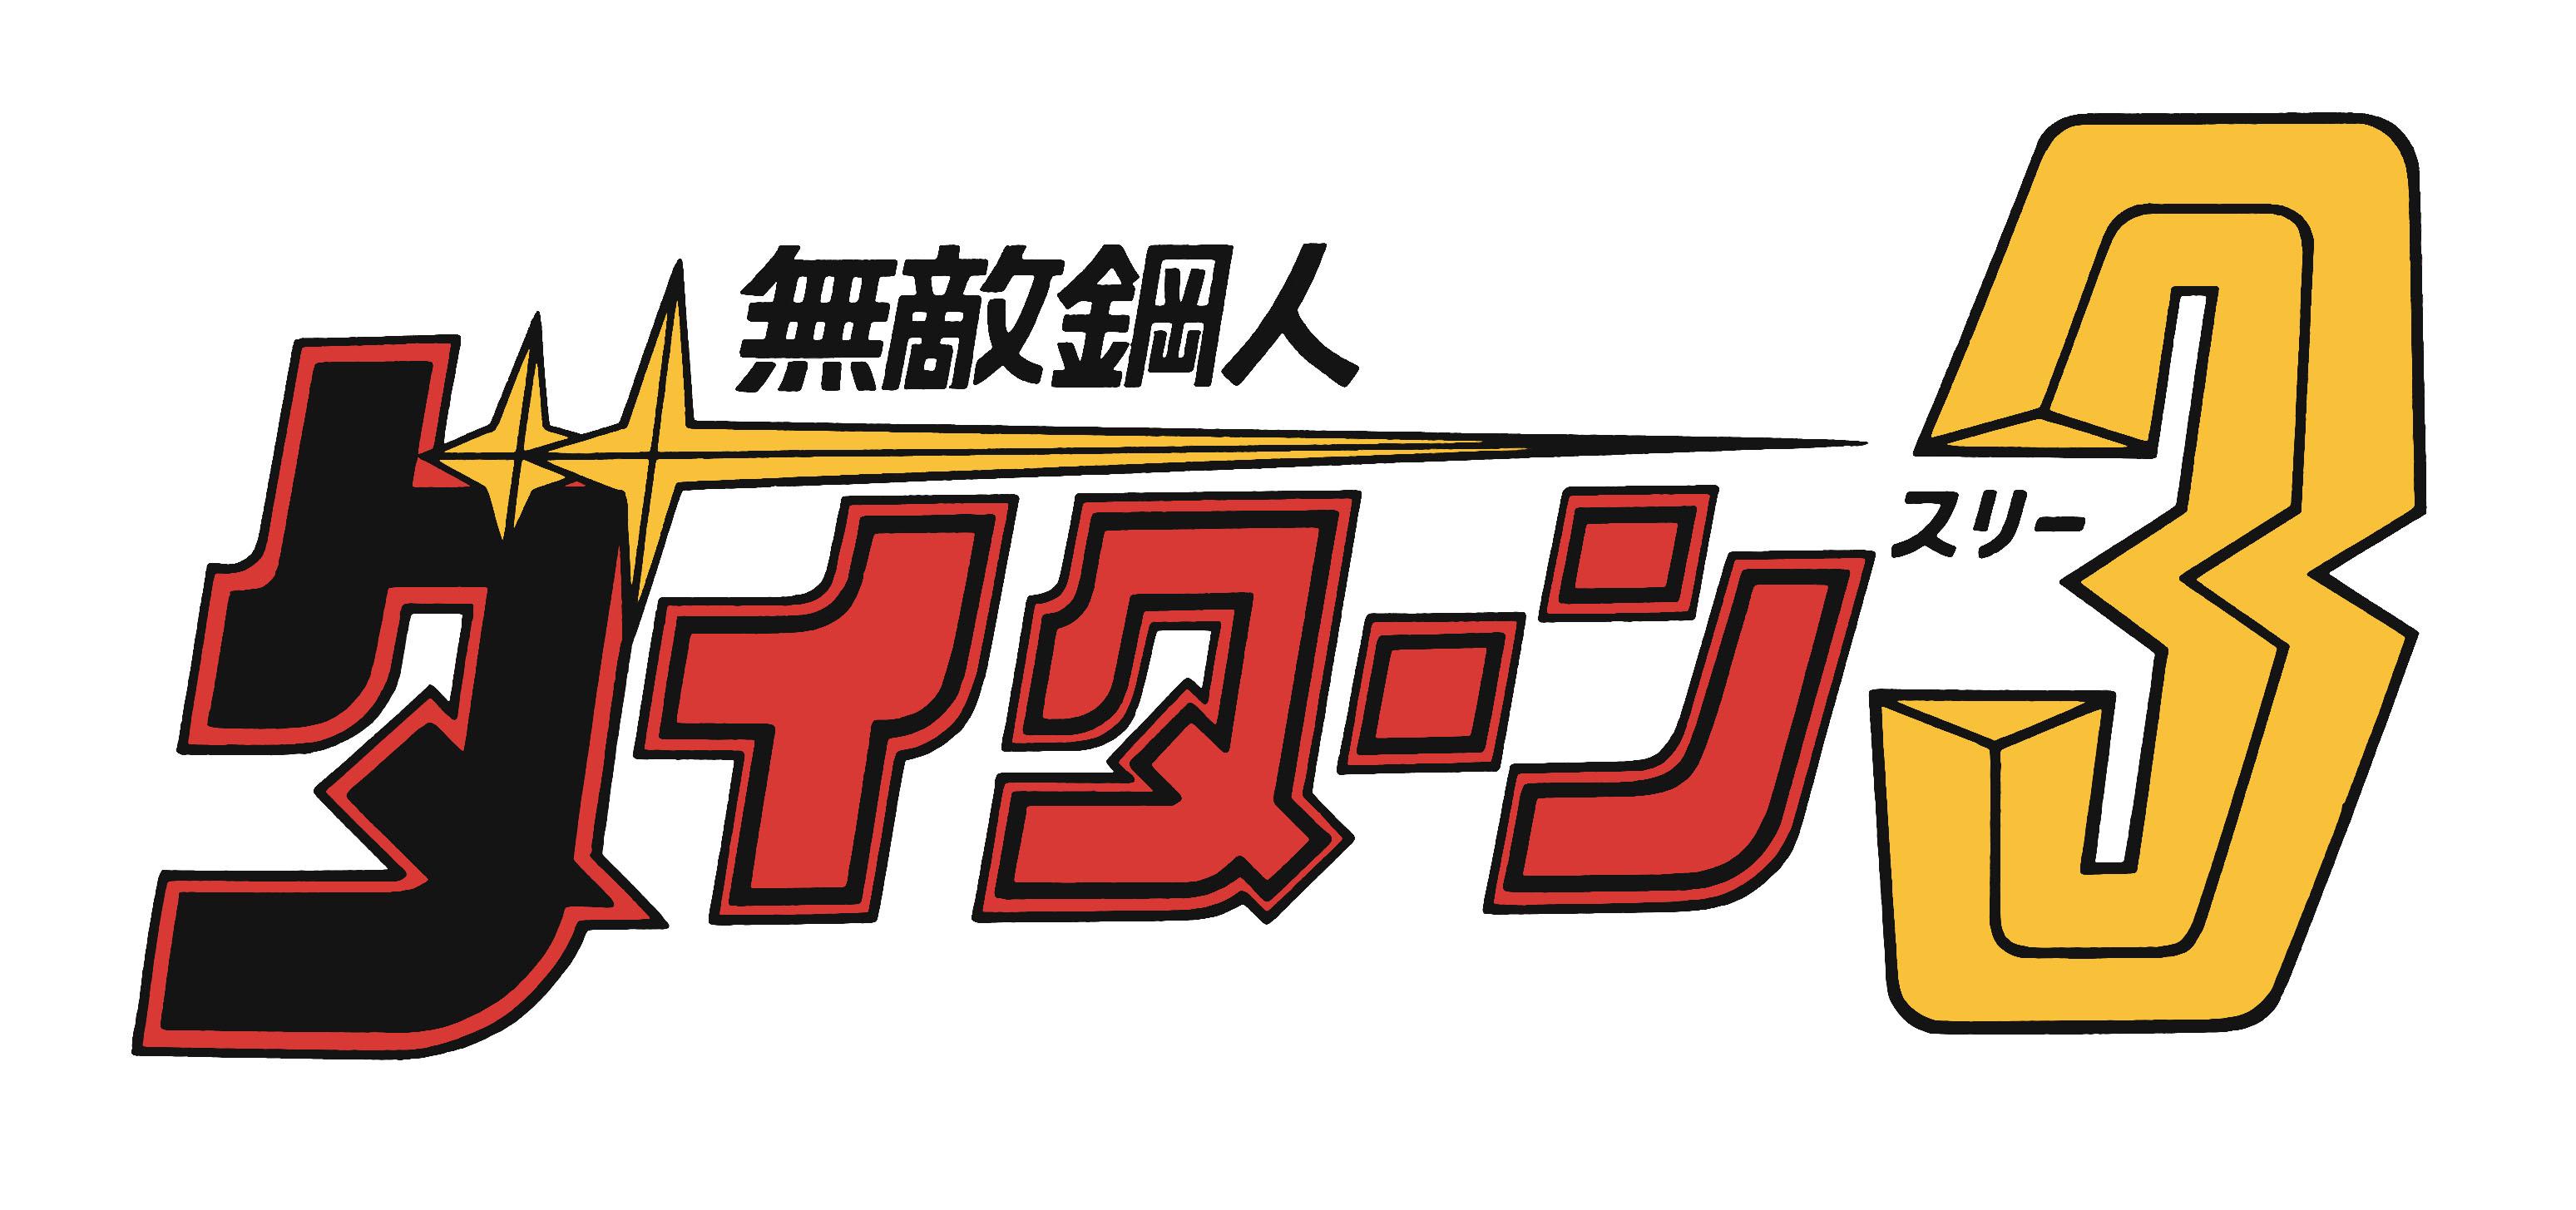 【無敵鋼人ダイターン3】Blu-ray BOX発売決定!